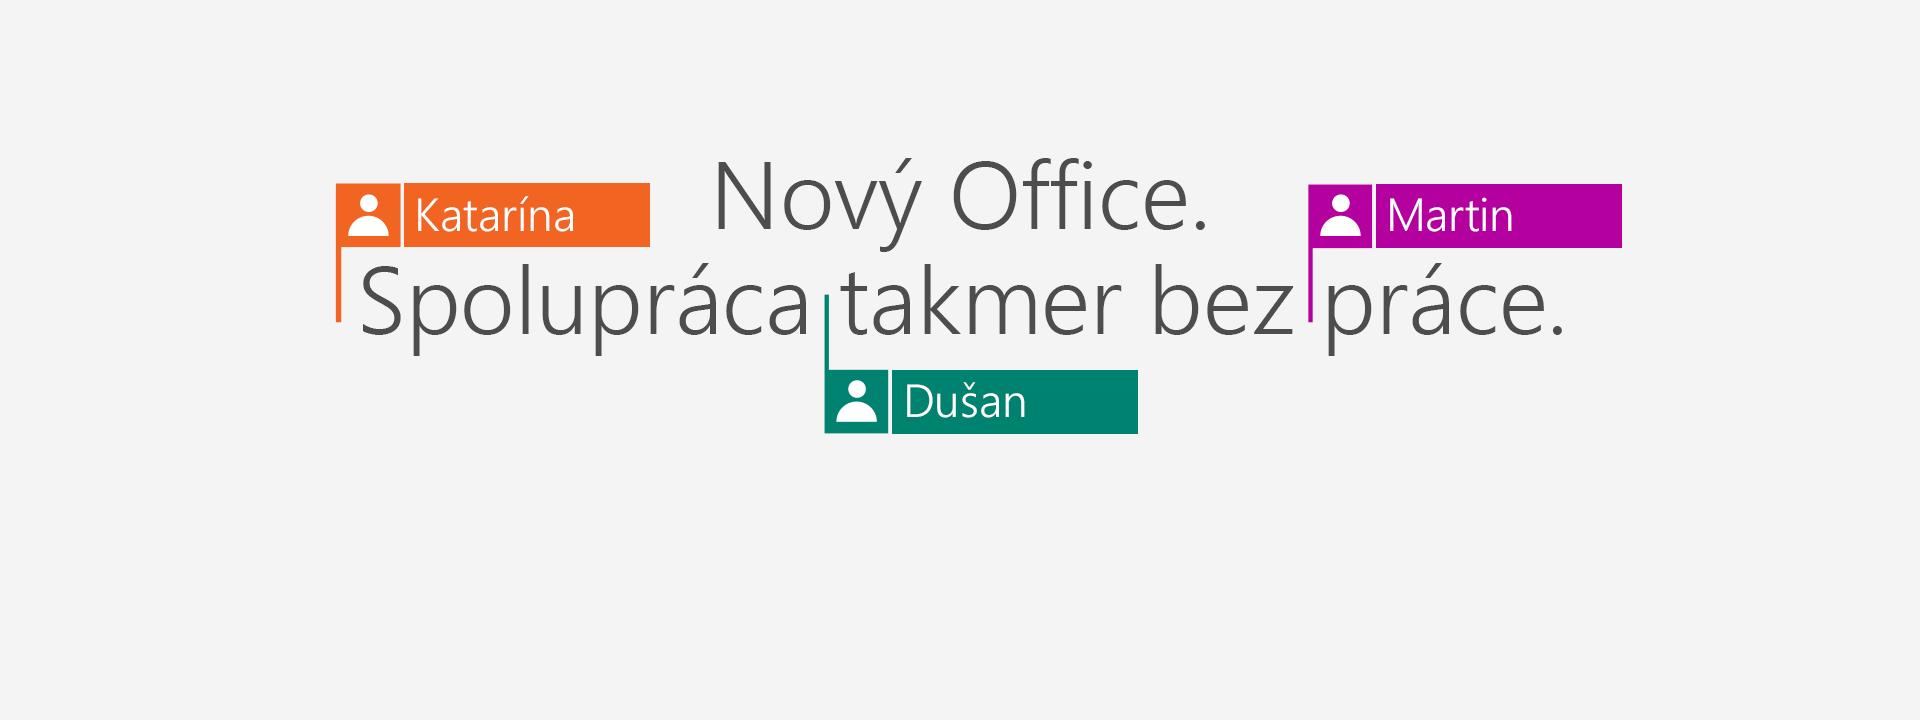 Kúpte si Office 365 a získajte nové aplikácie 2016.